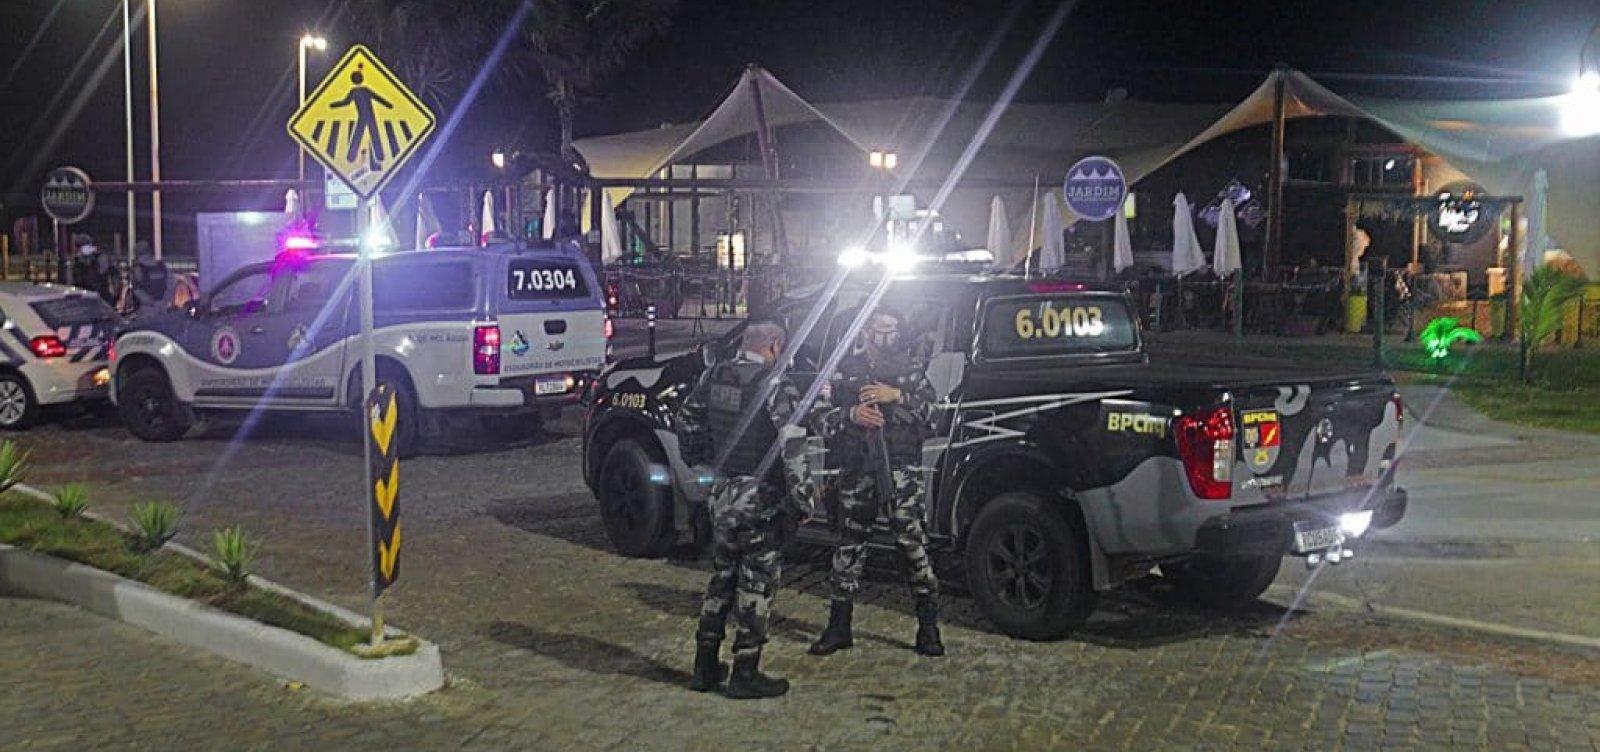 Polícia detém três pessoas no quarto dia com toque de recolher